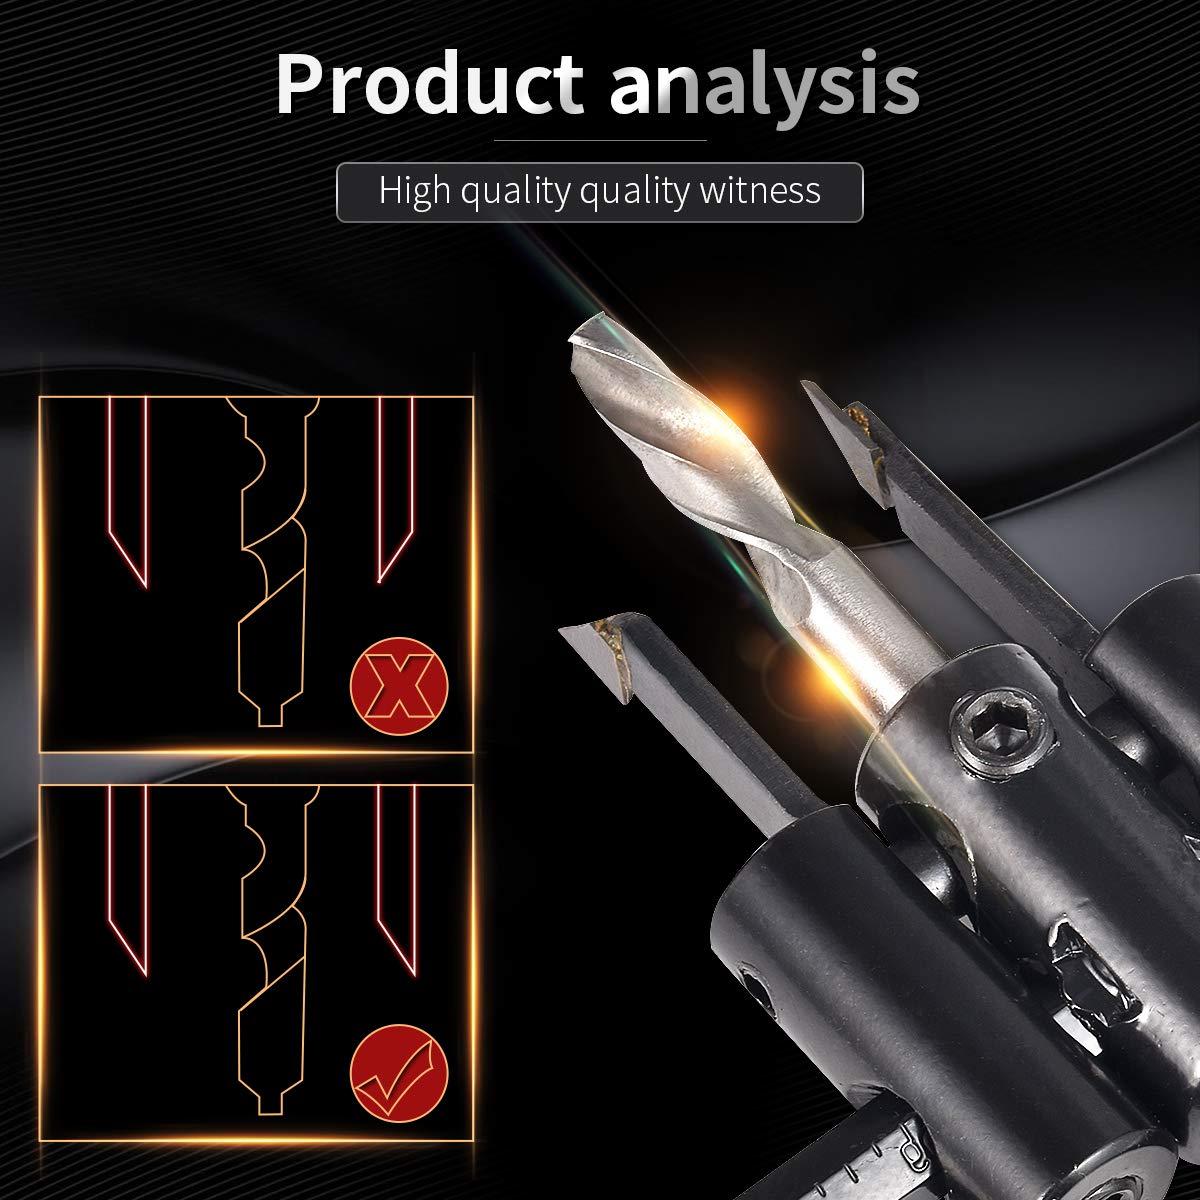 broca para paneles de yeso de madera herramientas de bricolaje con orificio helicoidal sierra de corte redondo KATUR Kit de sierra de corte de orificio de c/írculo ajustable de 30 mm a 200 mm